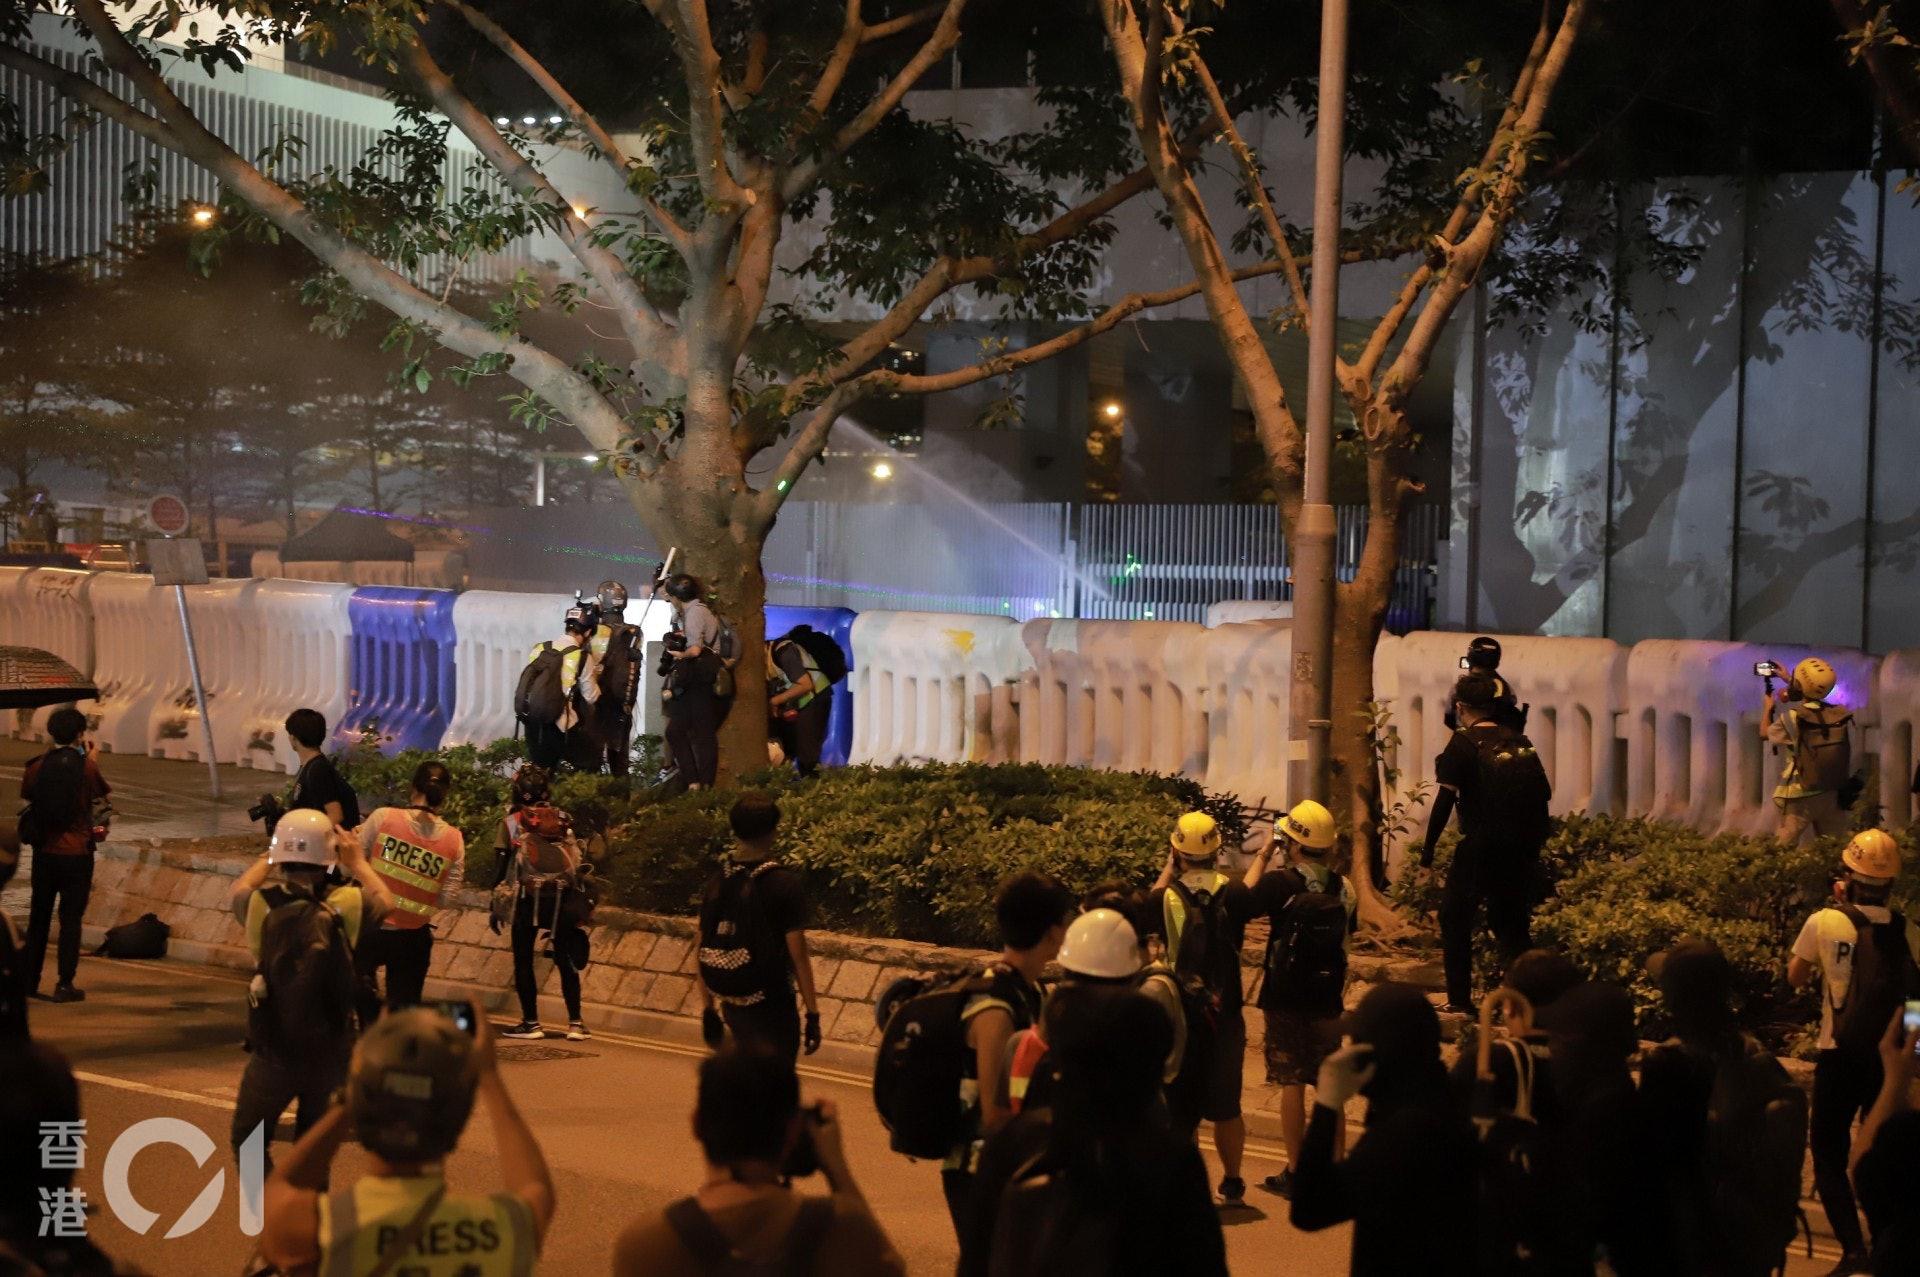 2019年9月28日,警方在特首辨內施放胡椒水驅散示威者。(羅國輝攝)